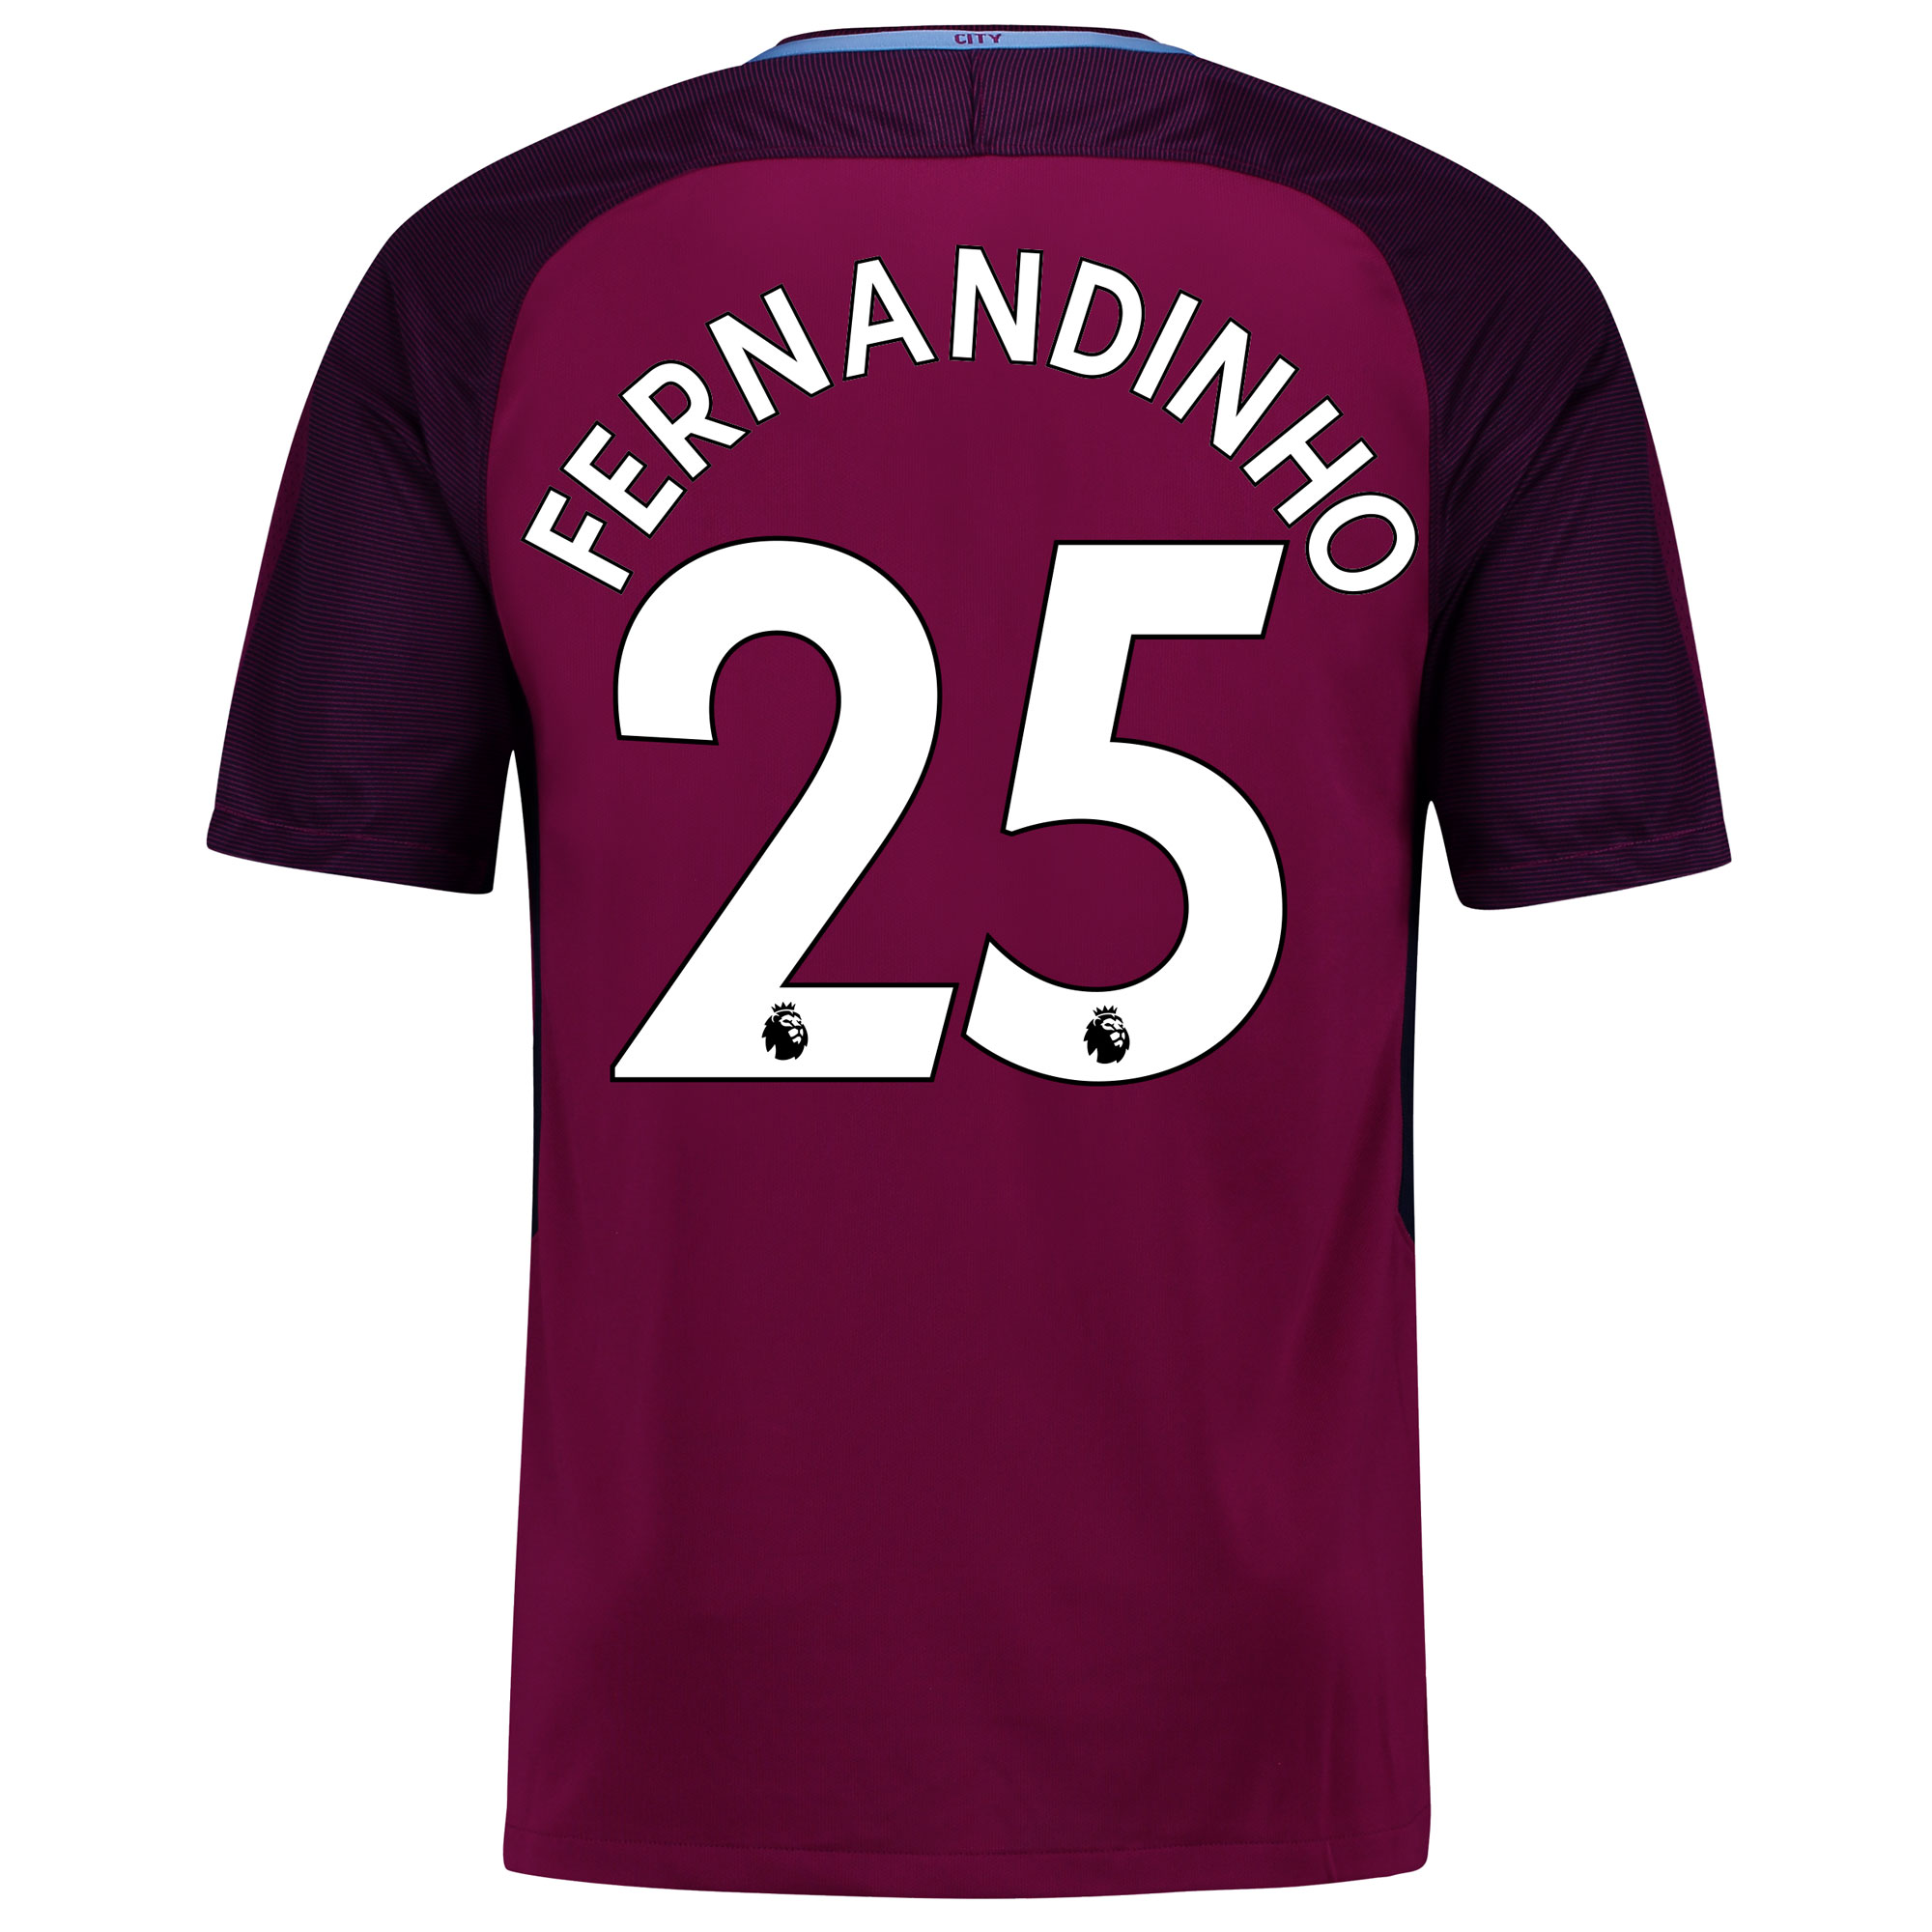 Manchester City Away Stadium Shirt 2017-18 - Kids with Fernandinho 25